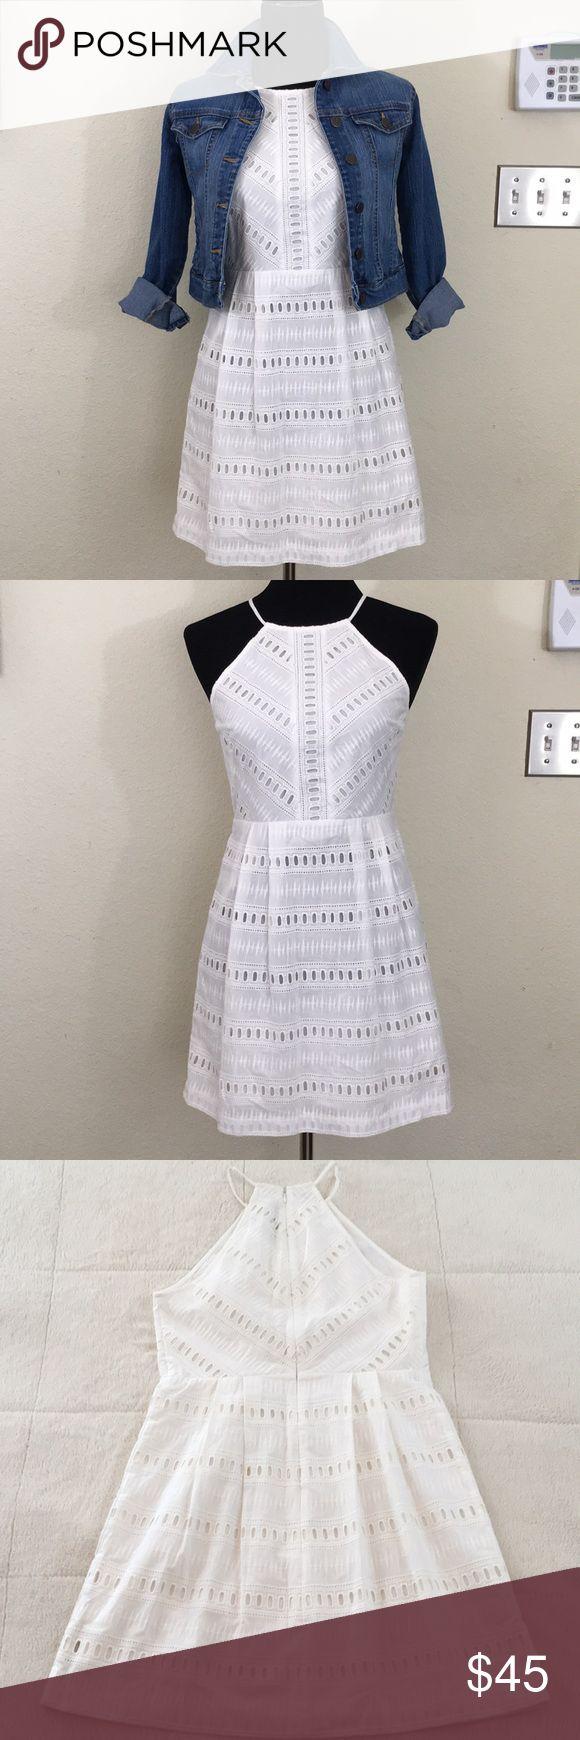 Ann Taylor Loft dress size 0 Petite Ann Taylor Loft dress size 0 Petite, Jean jacket not included LOFT Dresses